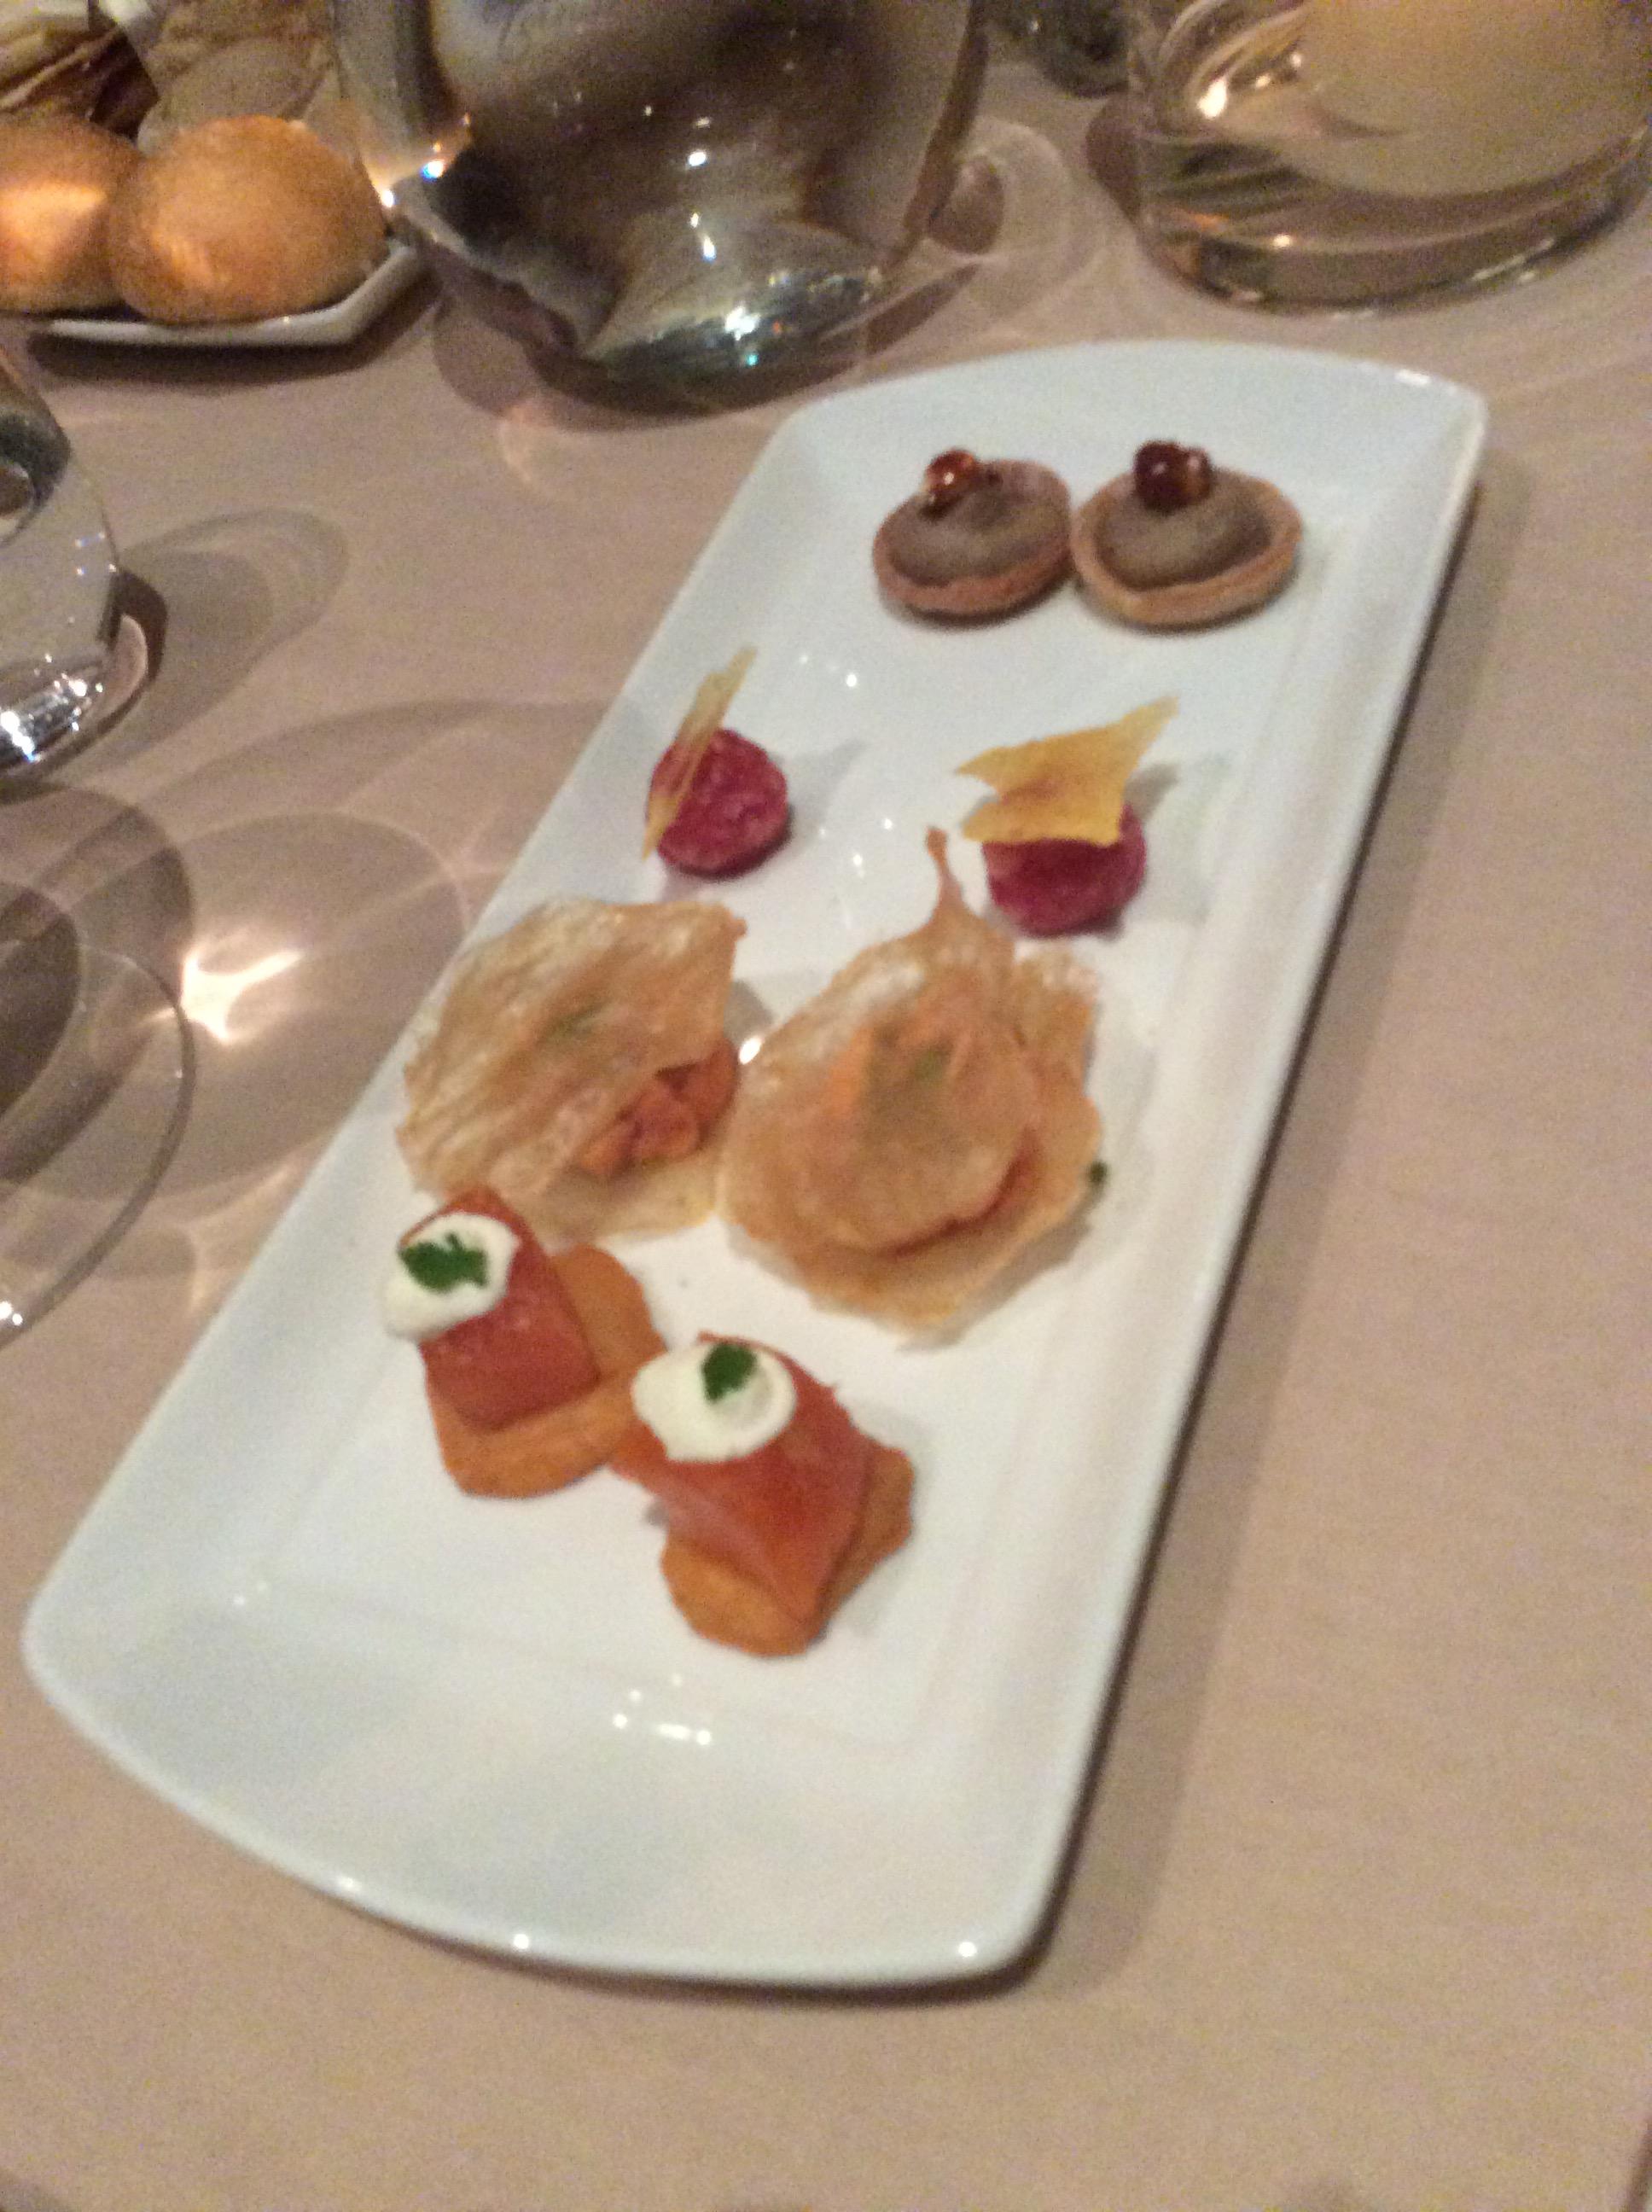 http://gourmet-italian.com/374.JPG